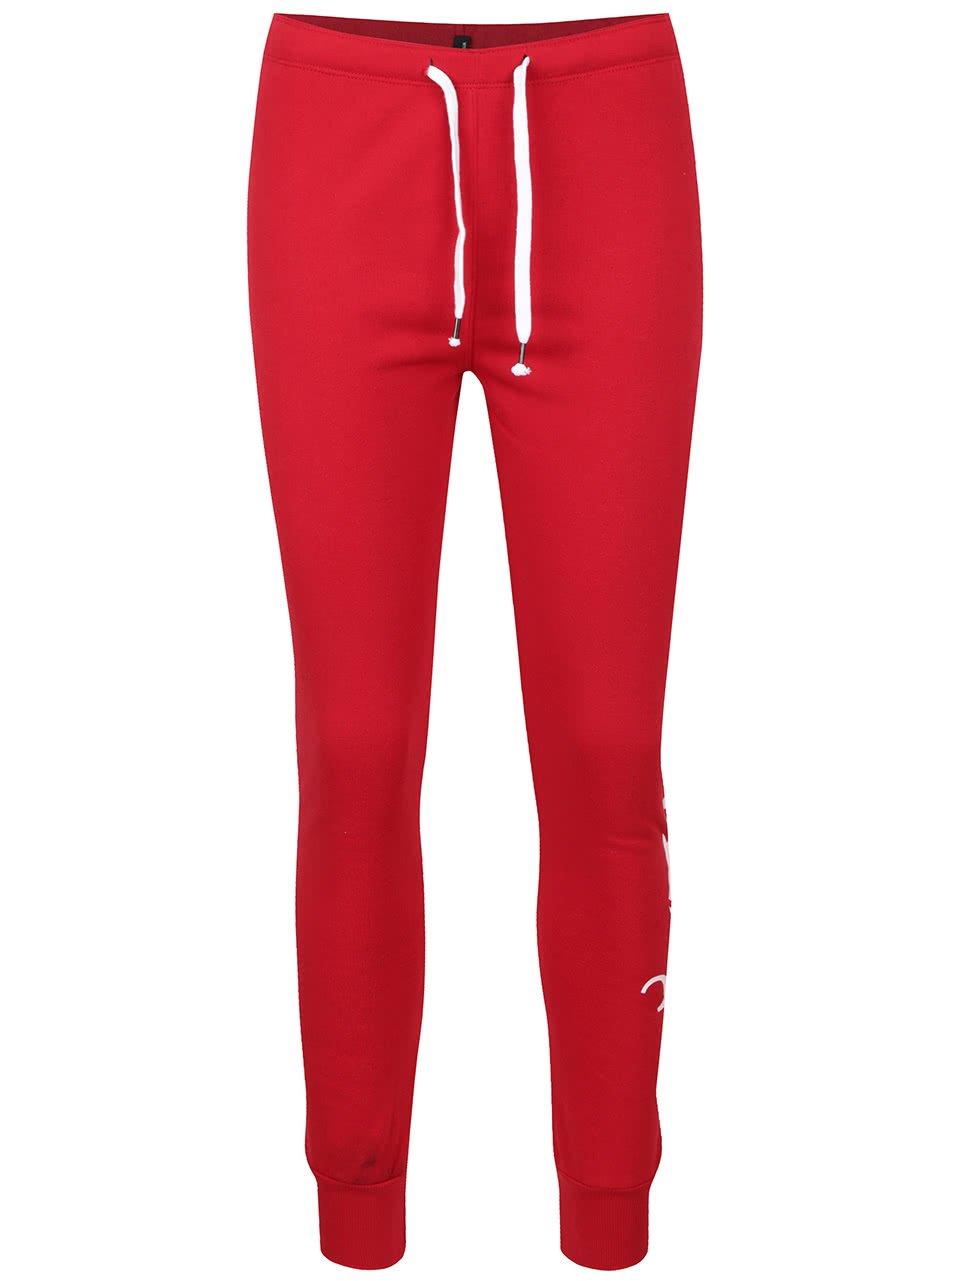 Červené tepláky s potiskem na levé nohavici TALLY WEiJL